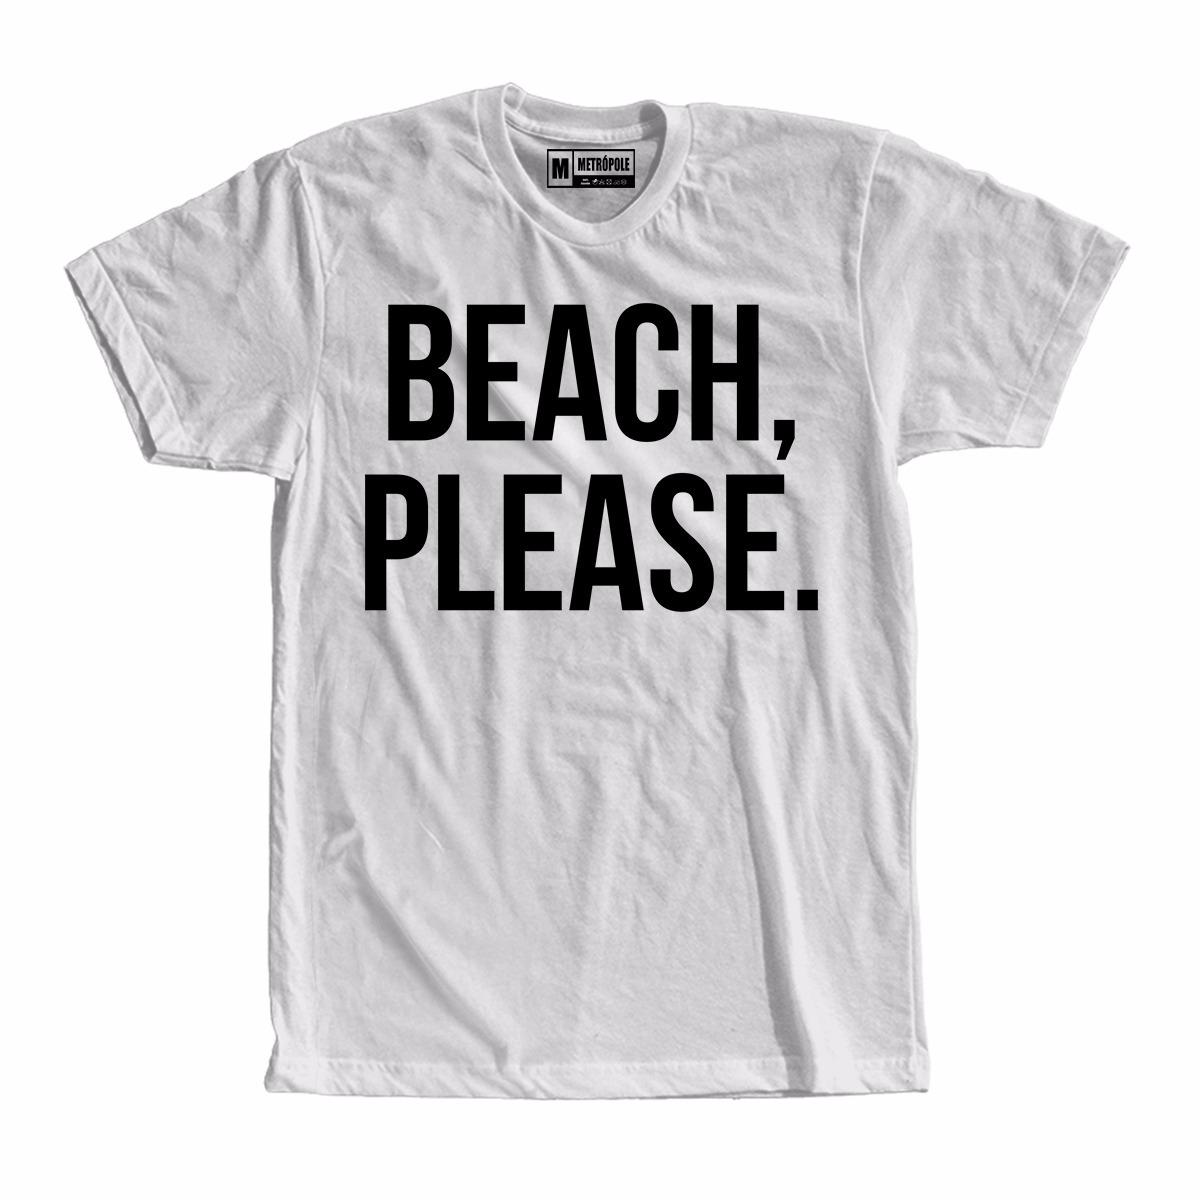 Camiseta Camisa Beach Please Moda Tumblr Frases Swag Praia R 36